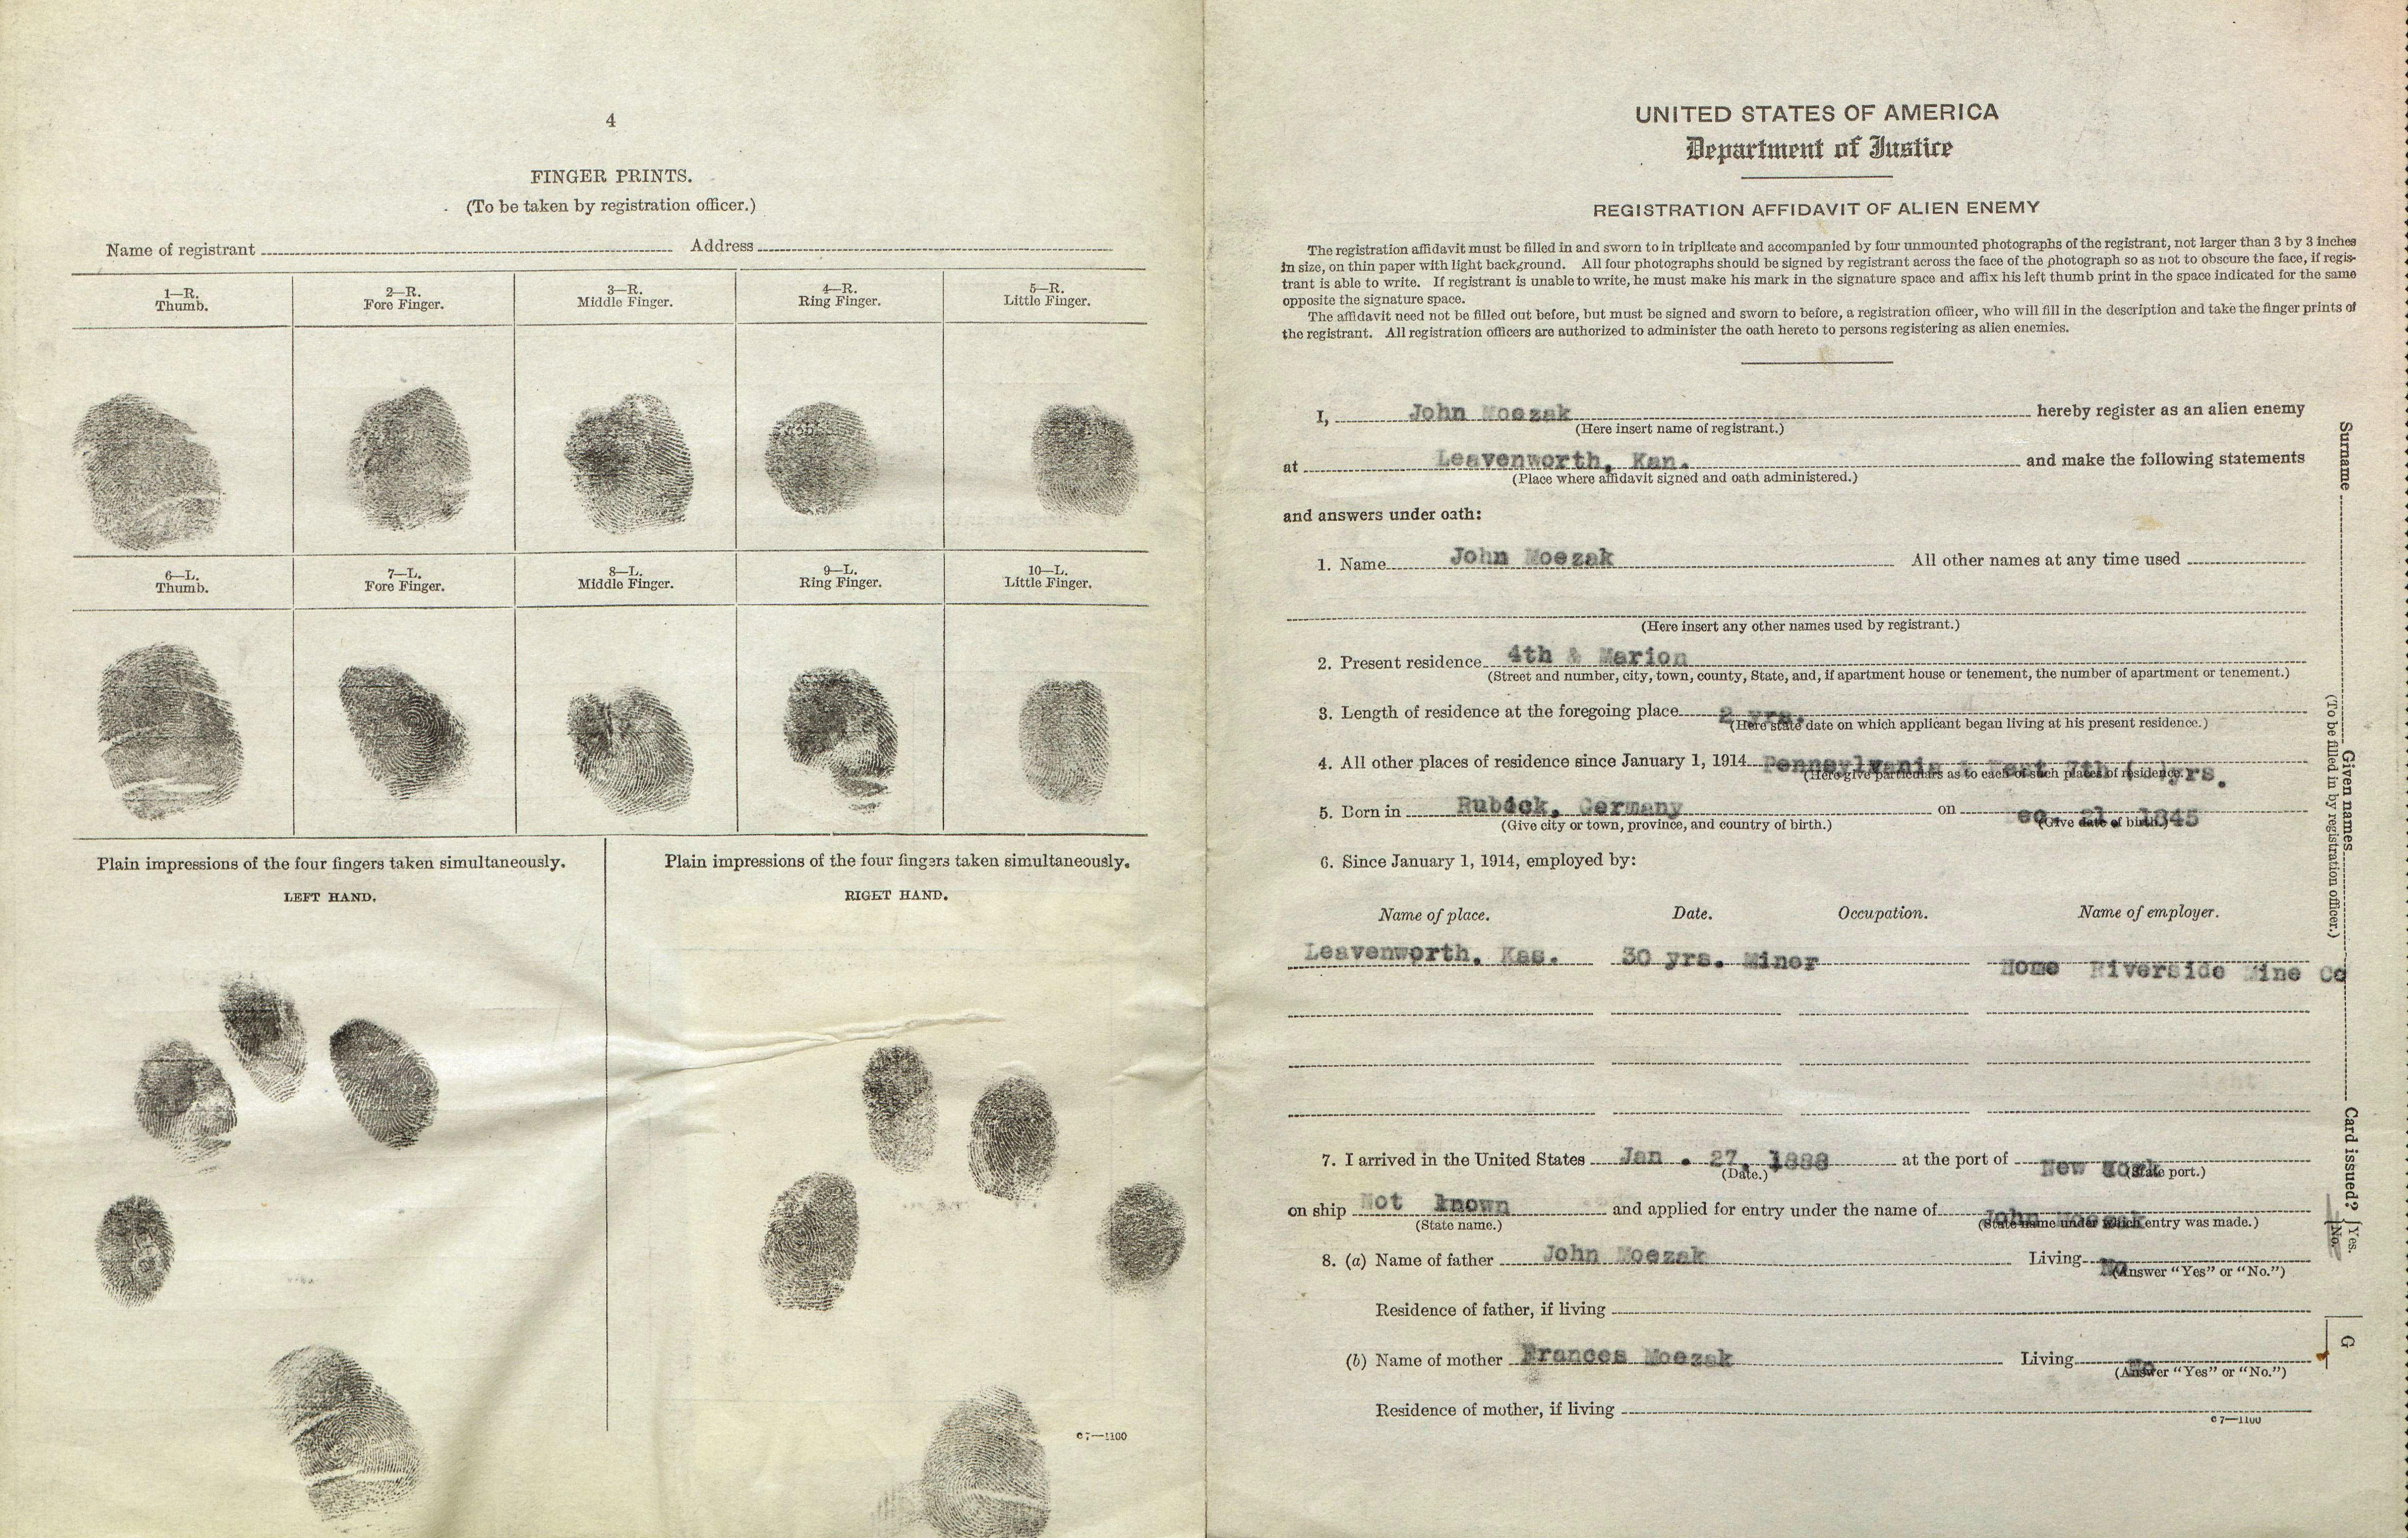 Enemy Alien Registration Affidavit for John Moezak